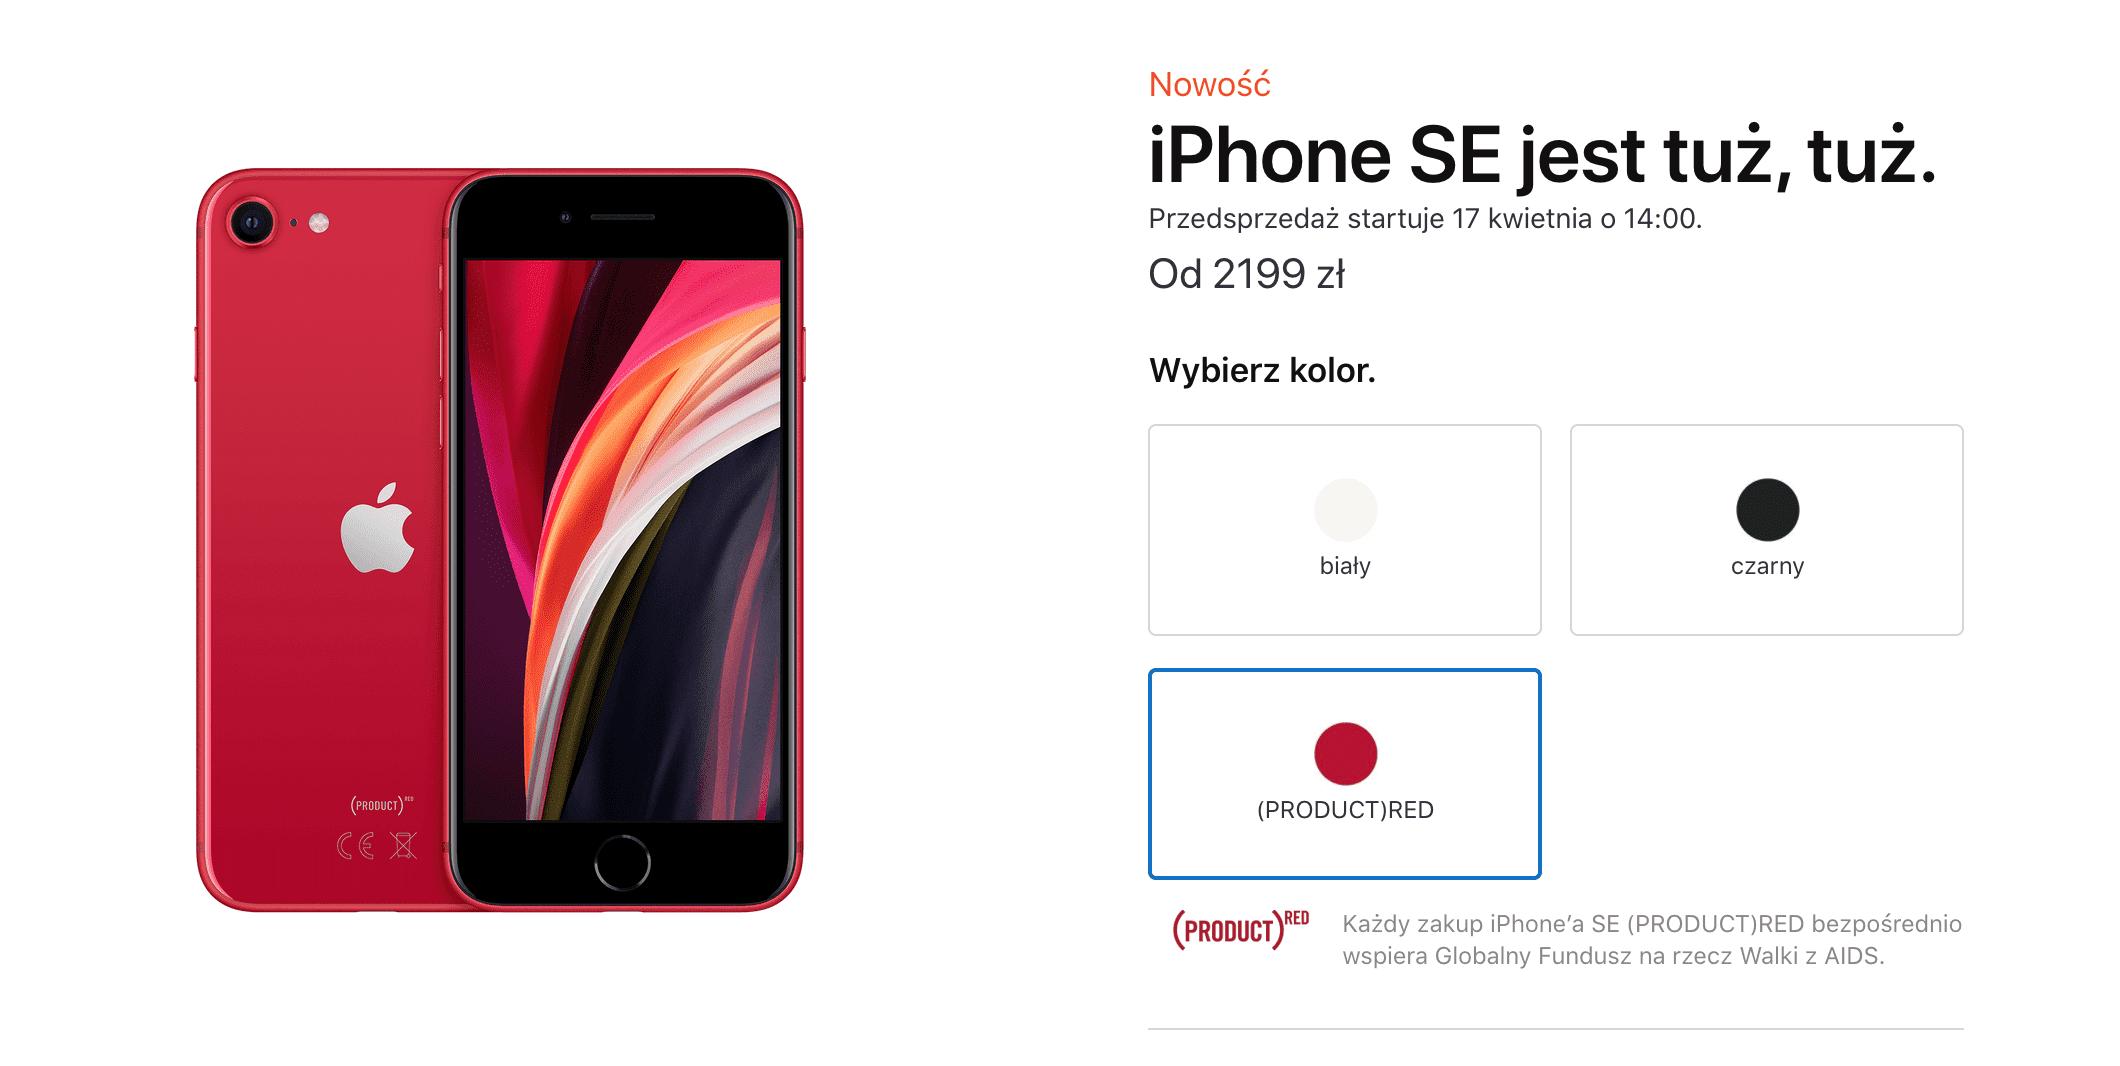 iPhone SE 2020 oficjalnie zaprezentowany polecane, ciekawostki Specyfikacja, ile kosztuje iPhone SE 2020, cena w polsce, Apple  Stało się. Właśnie gigant z Cupertino oficjalnie zaprezentował i wprowadził do swojej oferty nowego iPhone'a SE 2020 z 4,7-calowym ekranem. Zrzut ekranu 2020 04 15 o 17.14.35